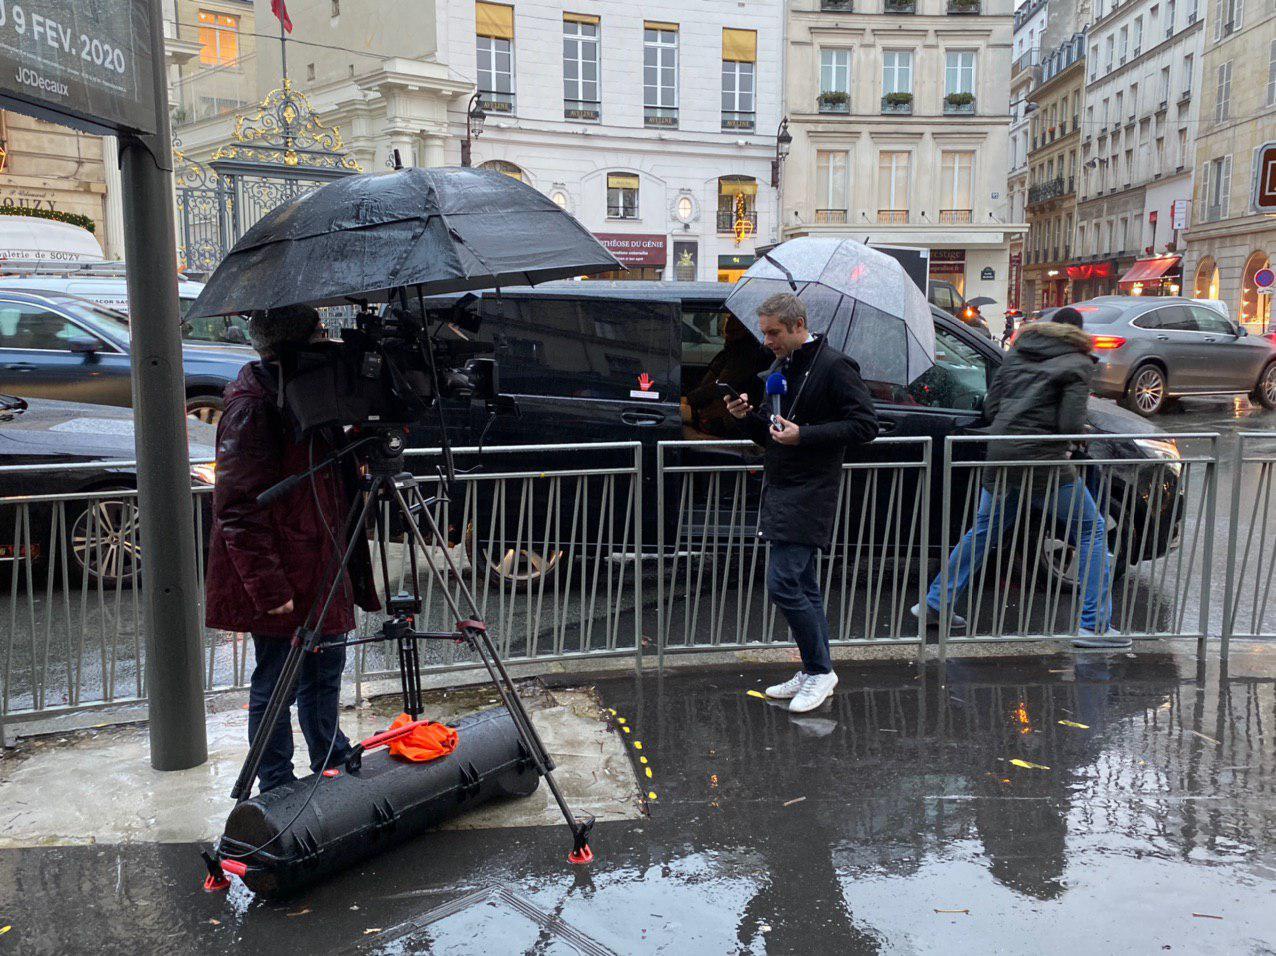 Журналисты ждут встречи в Париже. Фото - Telegram Андрея Павловского